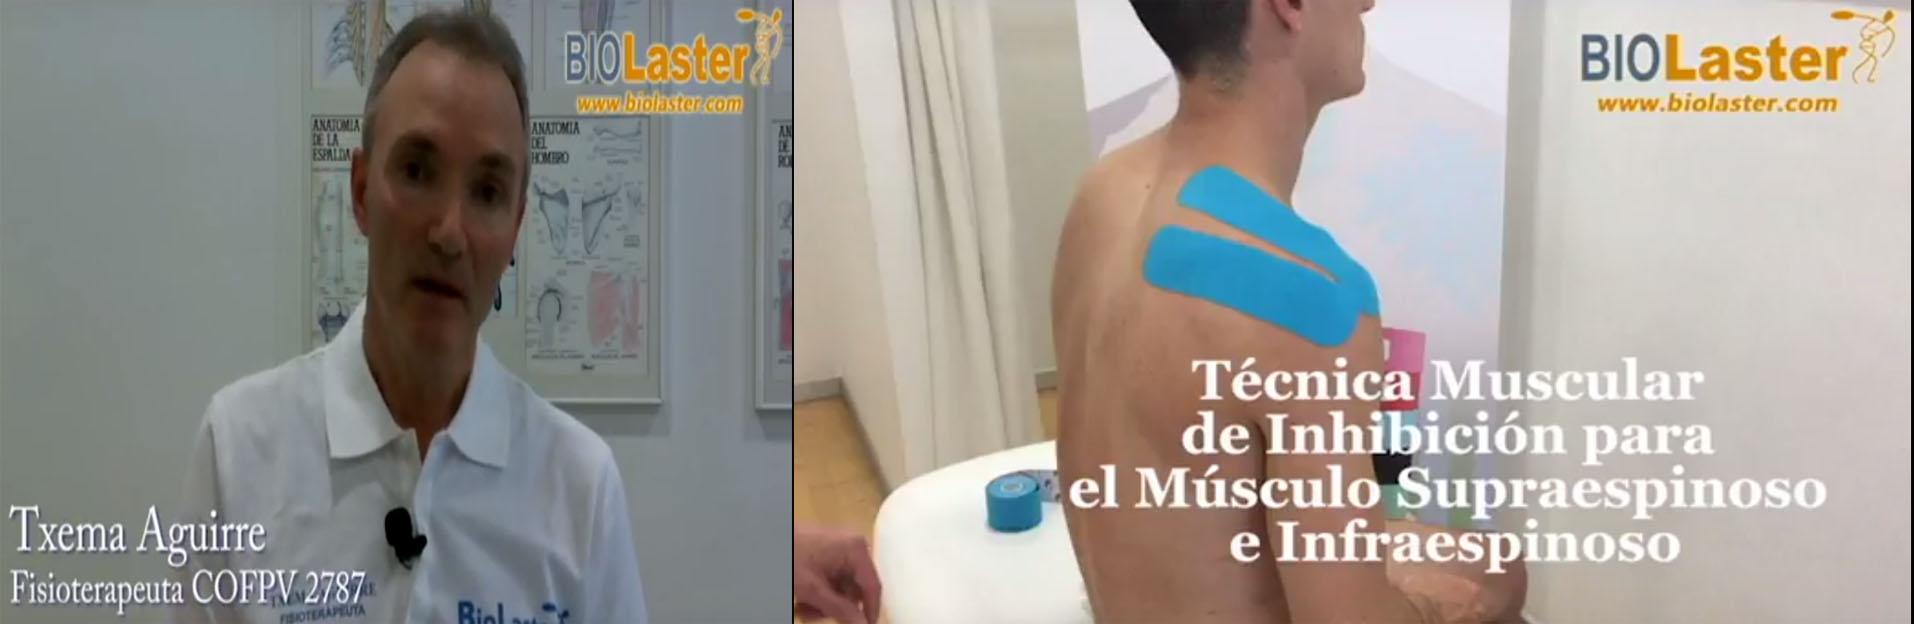 Nueva entrega de los tutoriales, en vídeo, sobre Vendaje Neuromuscular de Txema Aguirre